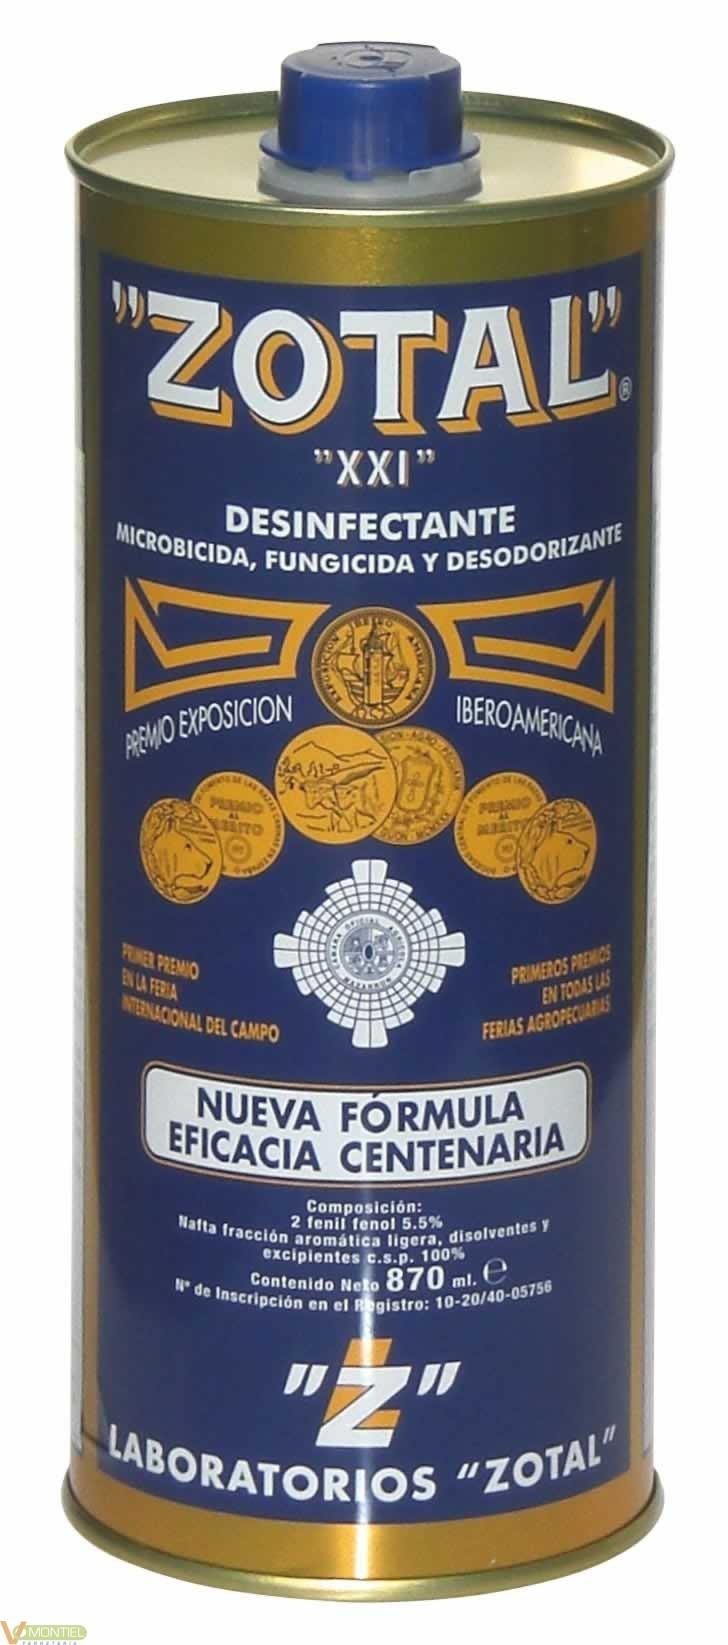 Desinfectante quimico fungicid-0